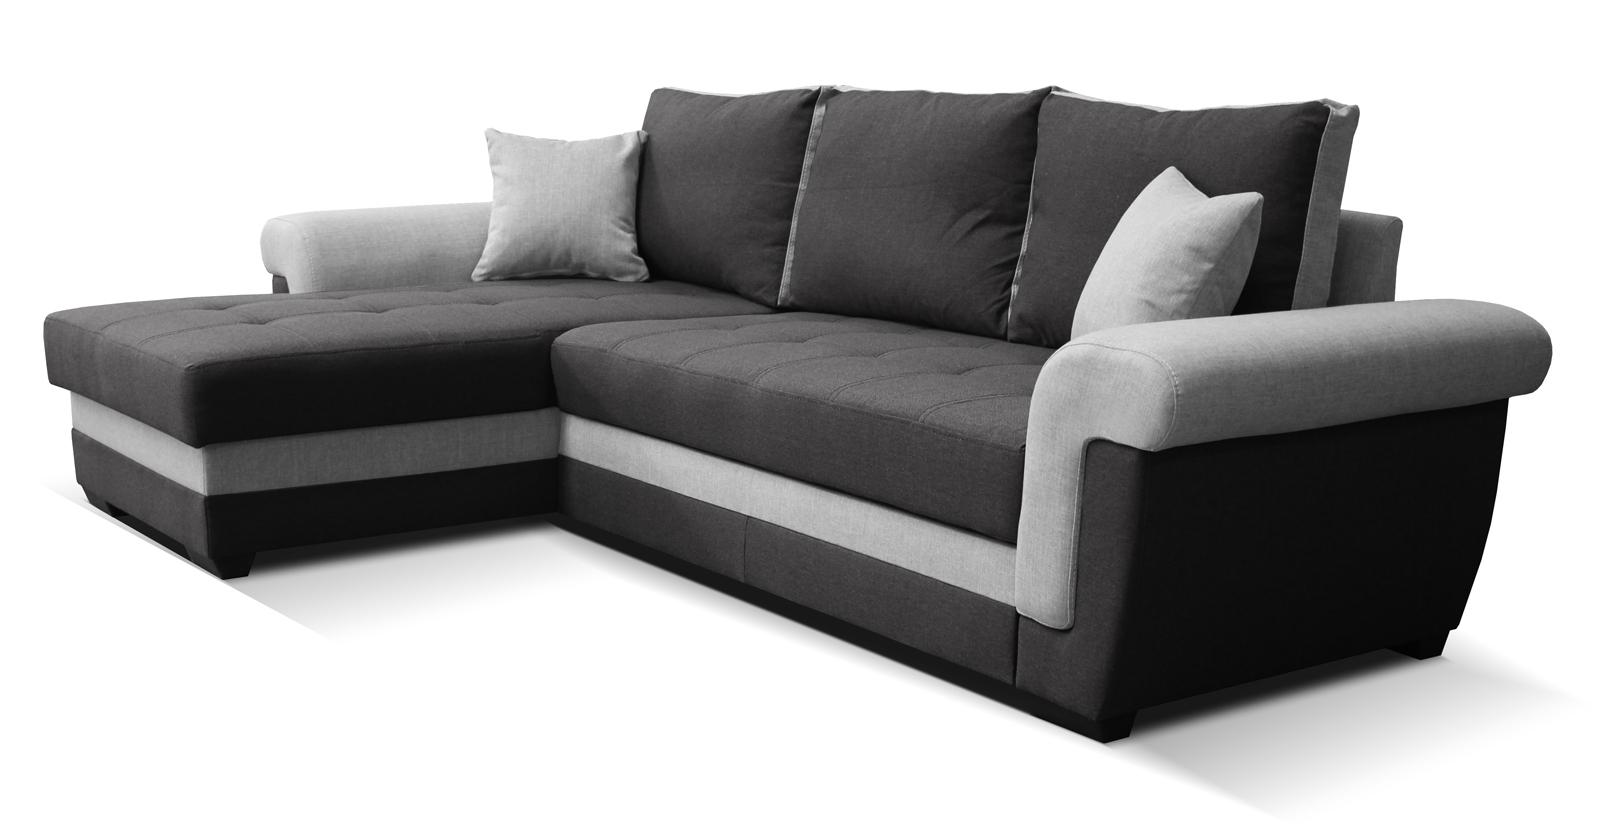 Rohová sedací souprava - Po-Sed - Rony L+2F (černá + šedá) (L)